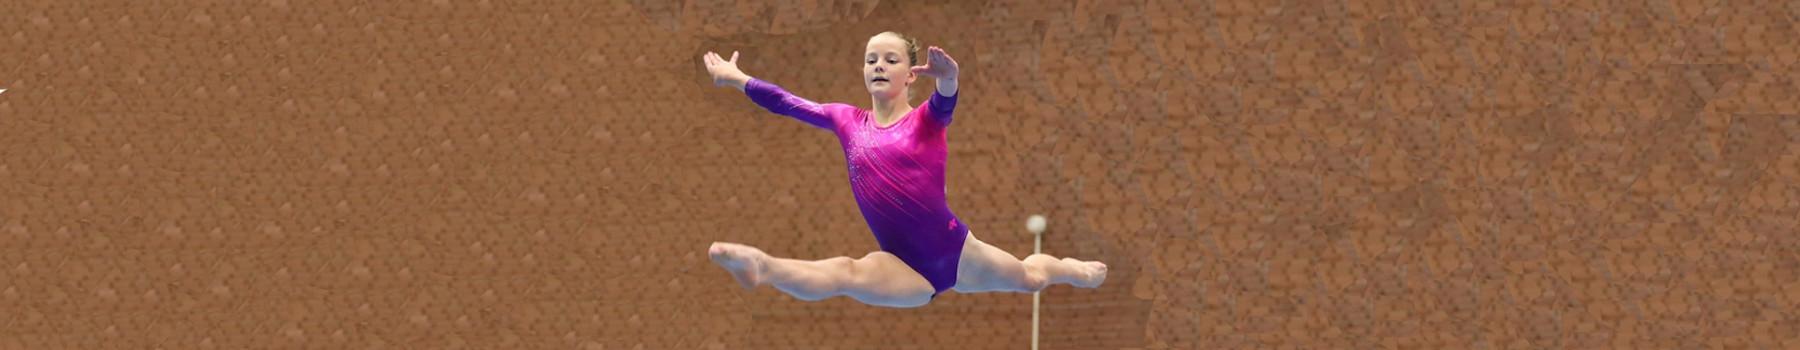 Gymnastics Trophies & Medals